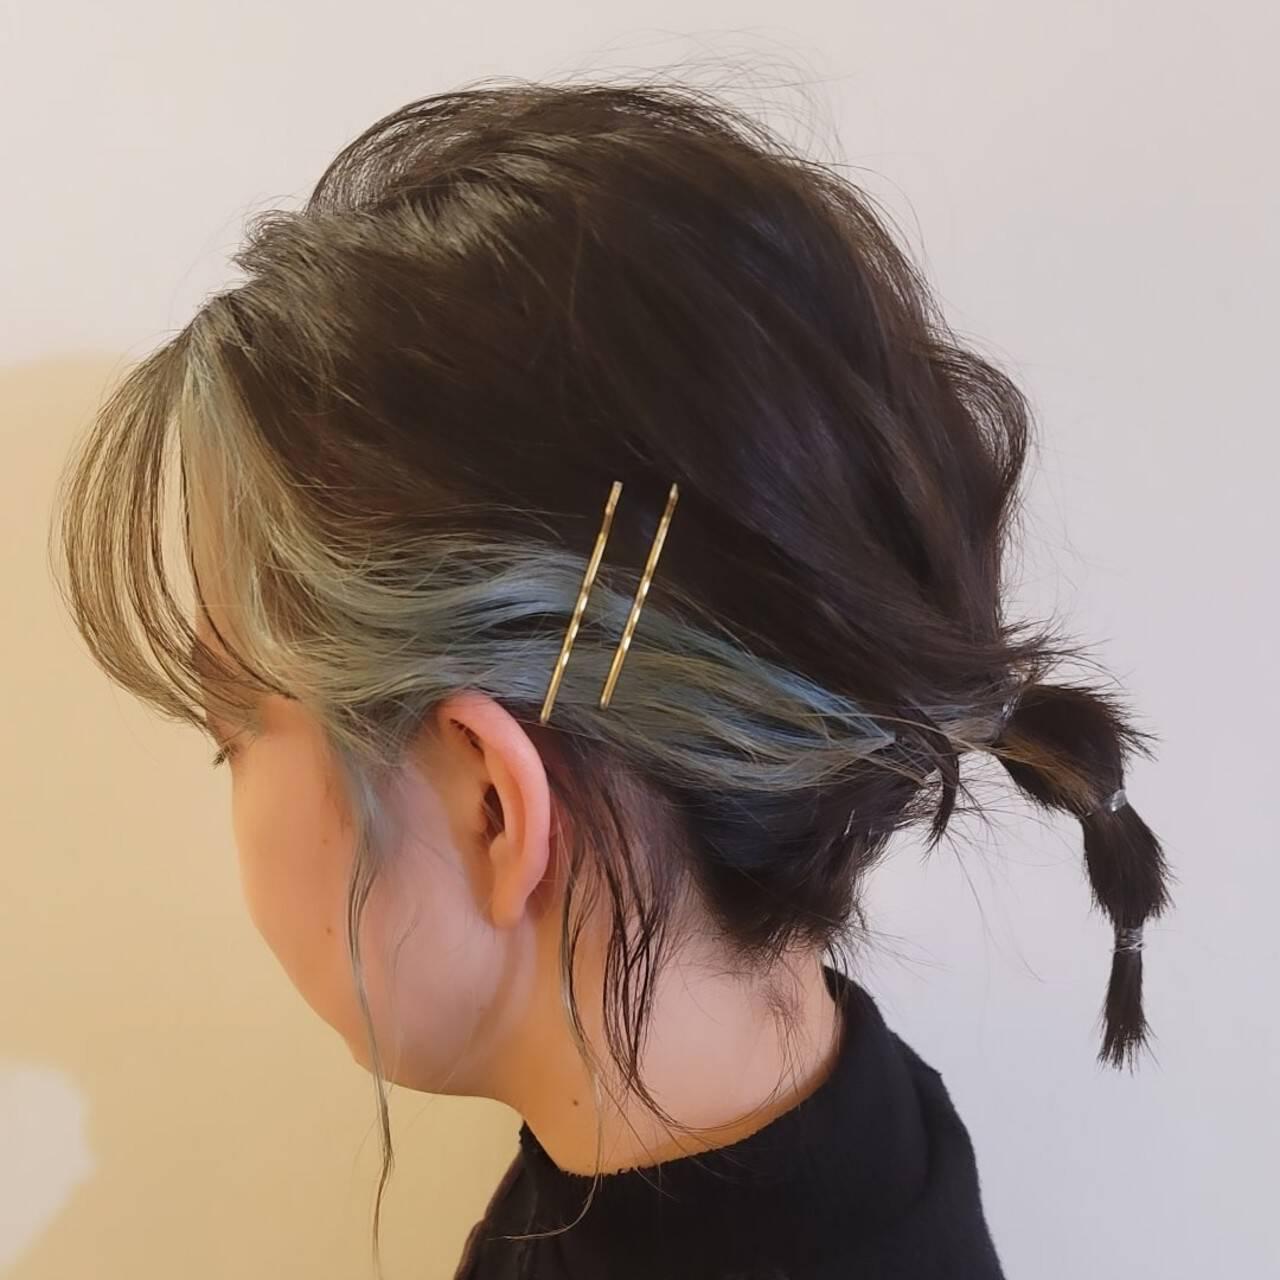 ボブ ヘアアレンジ ガーリー 簡単ヘアアレンジヘアスタイルや髪型の写真・画像